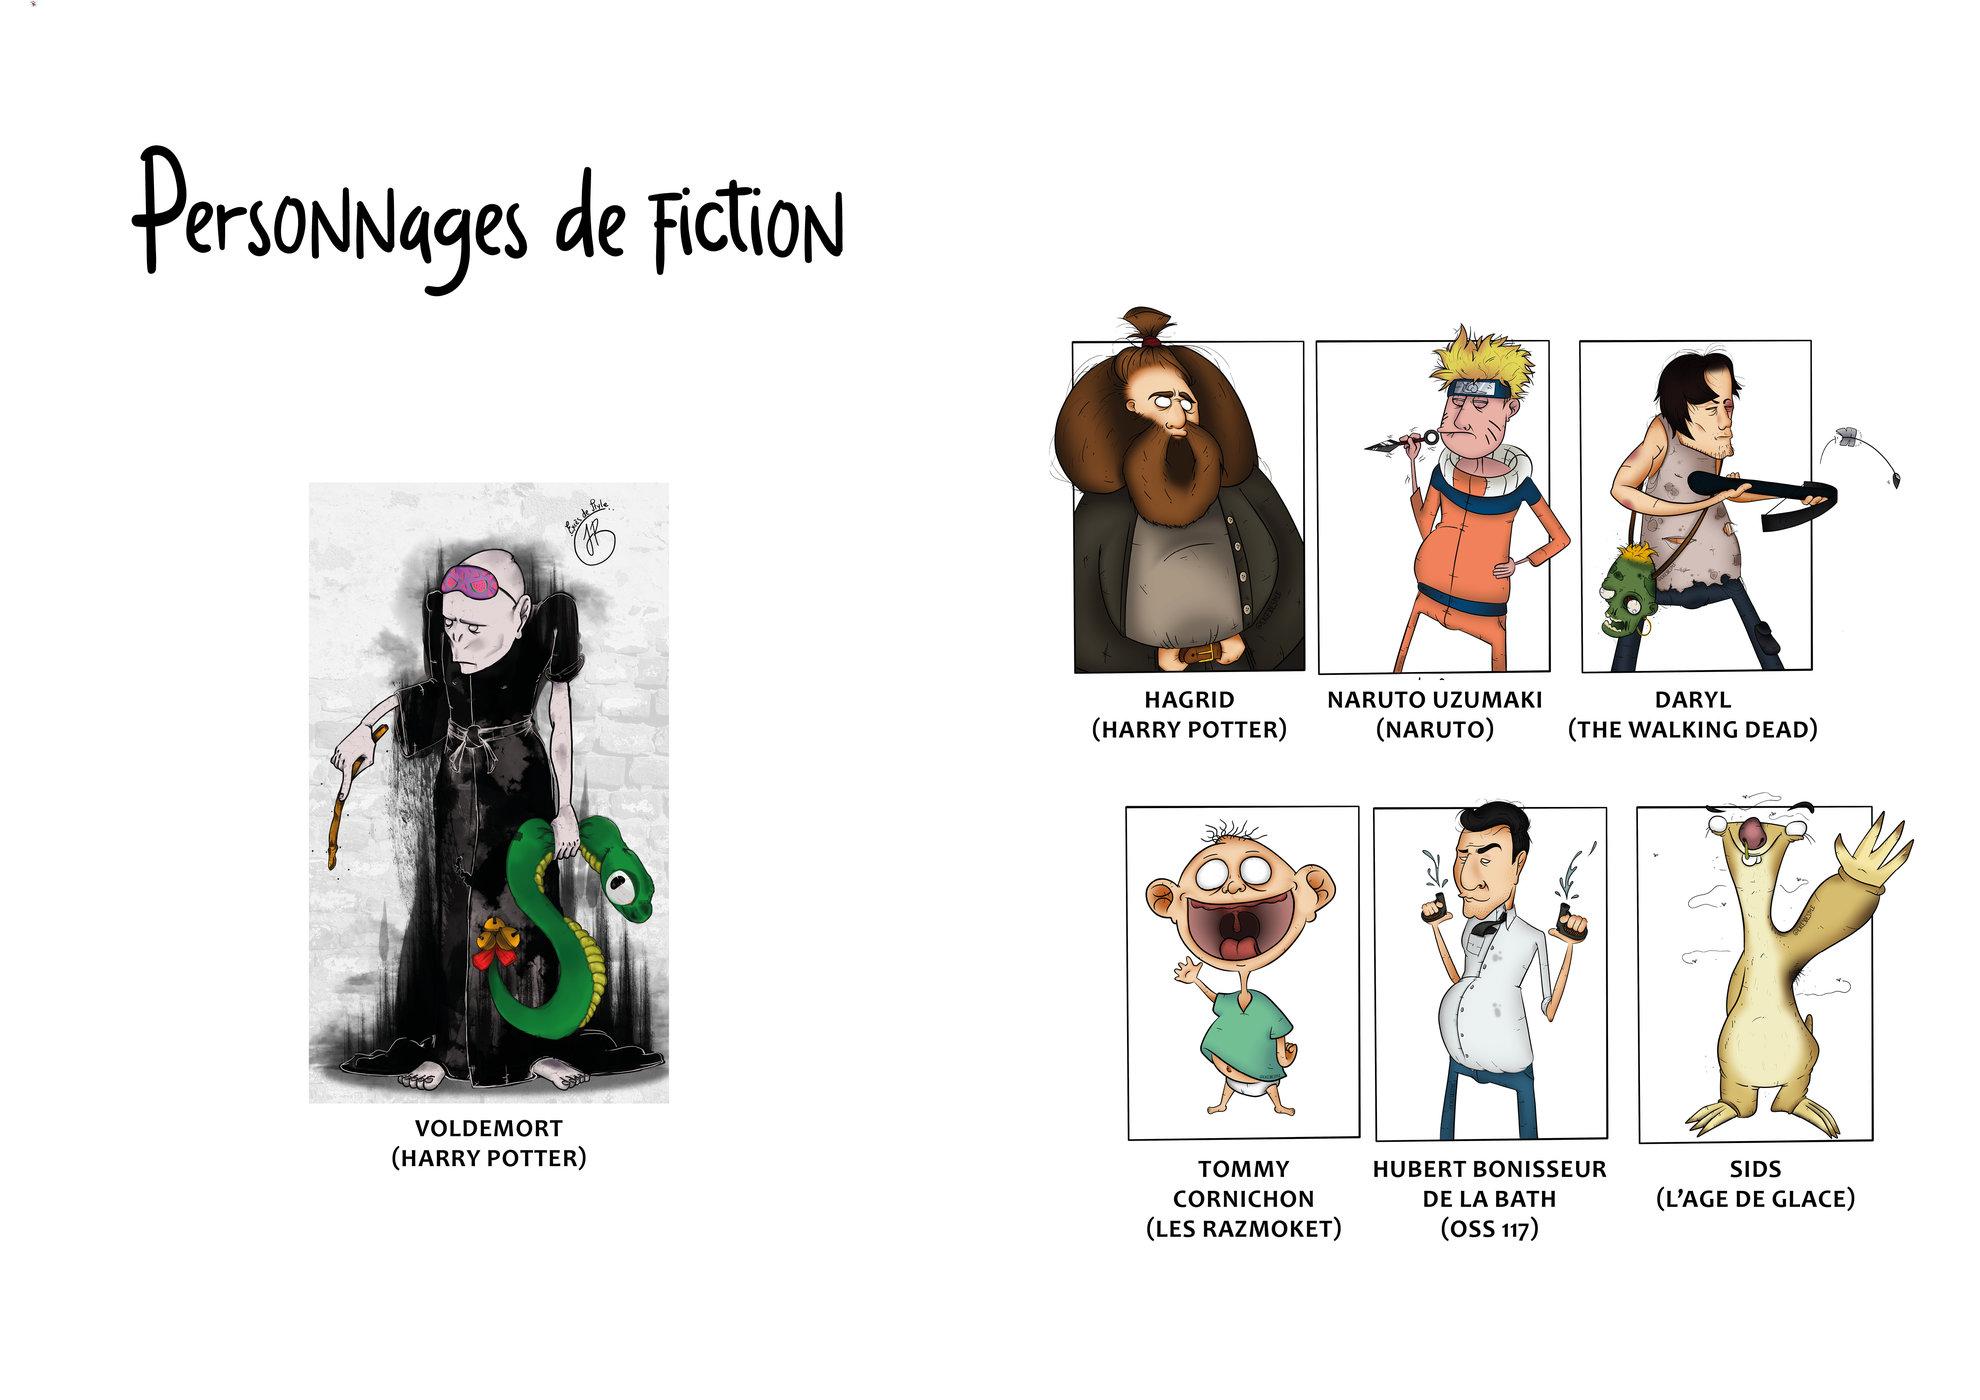 Personnages de fiction